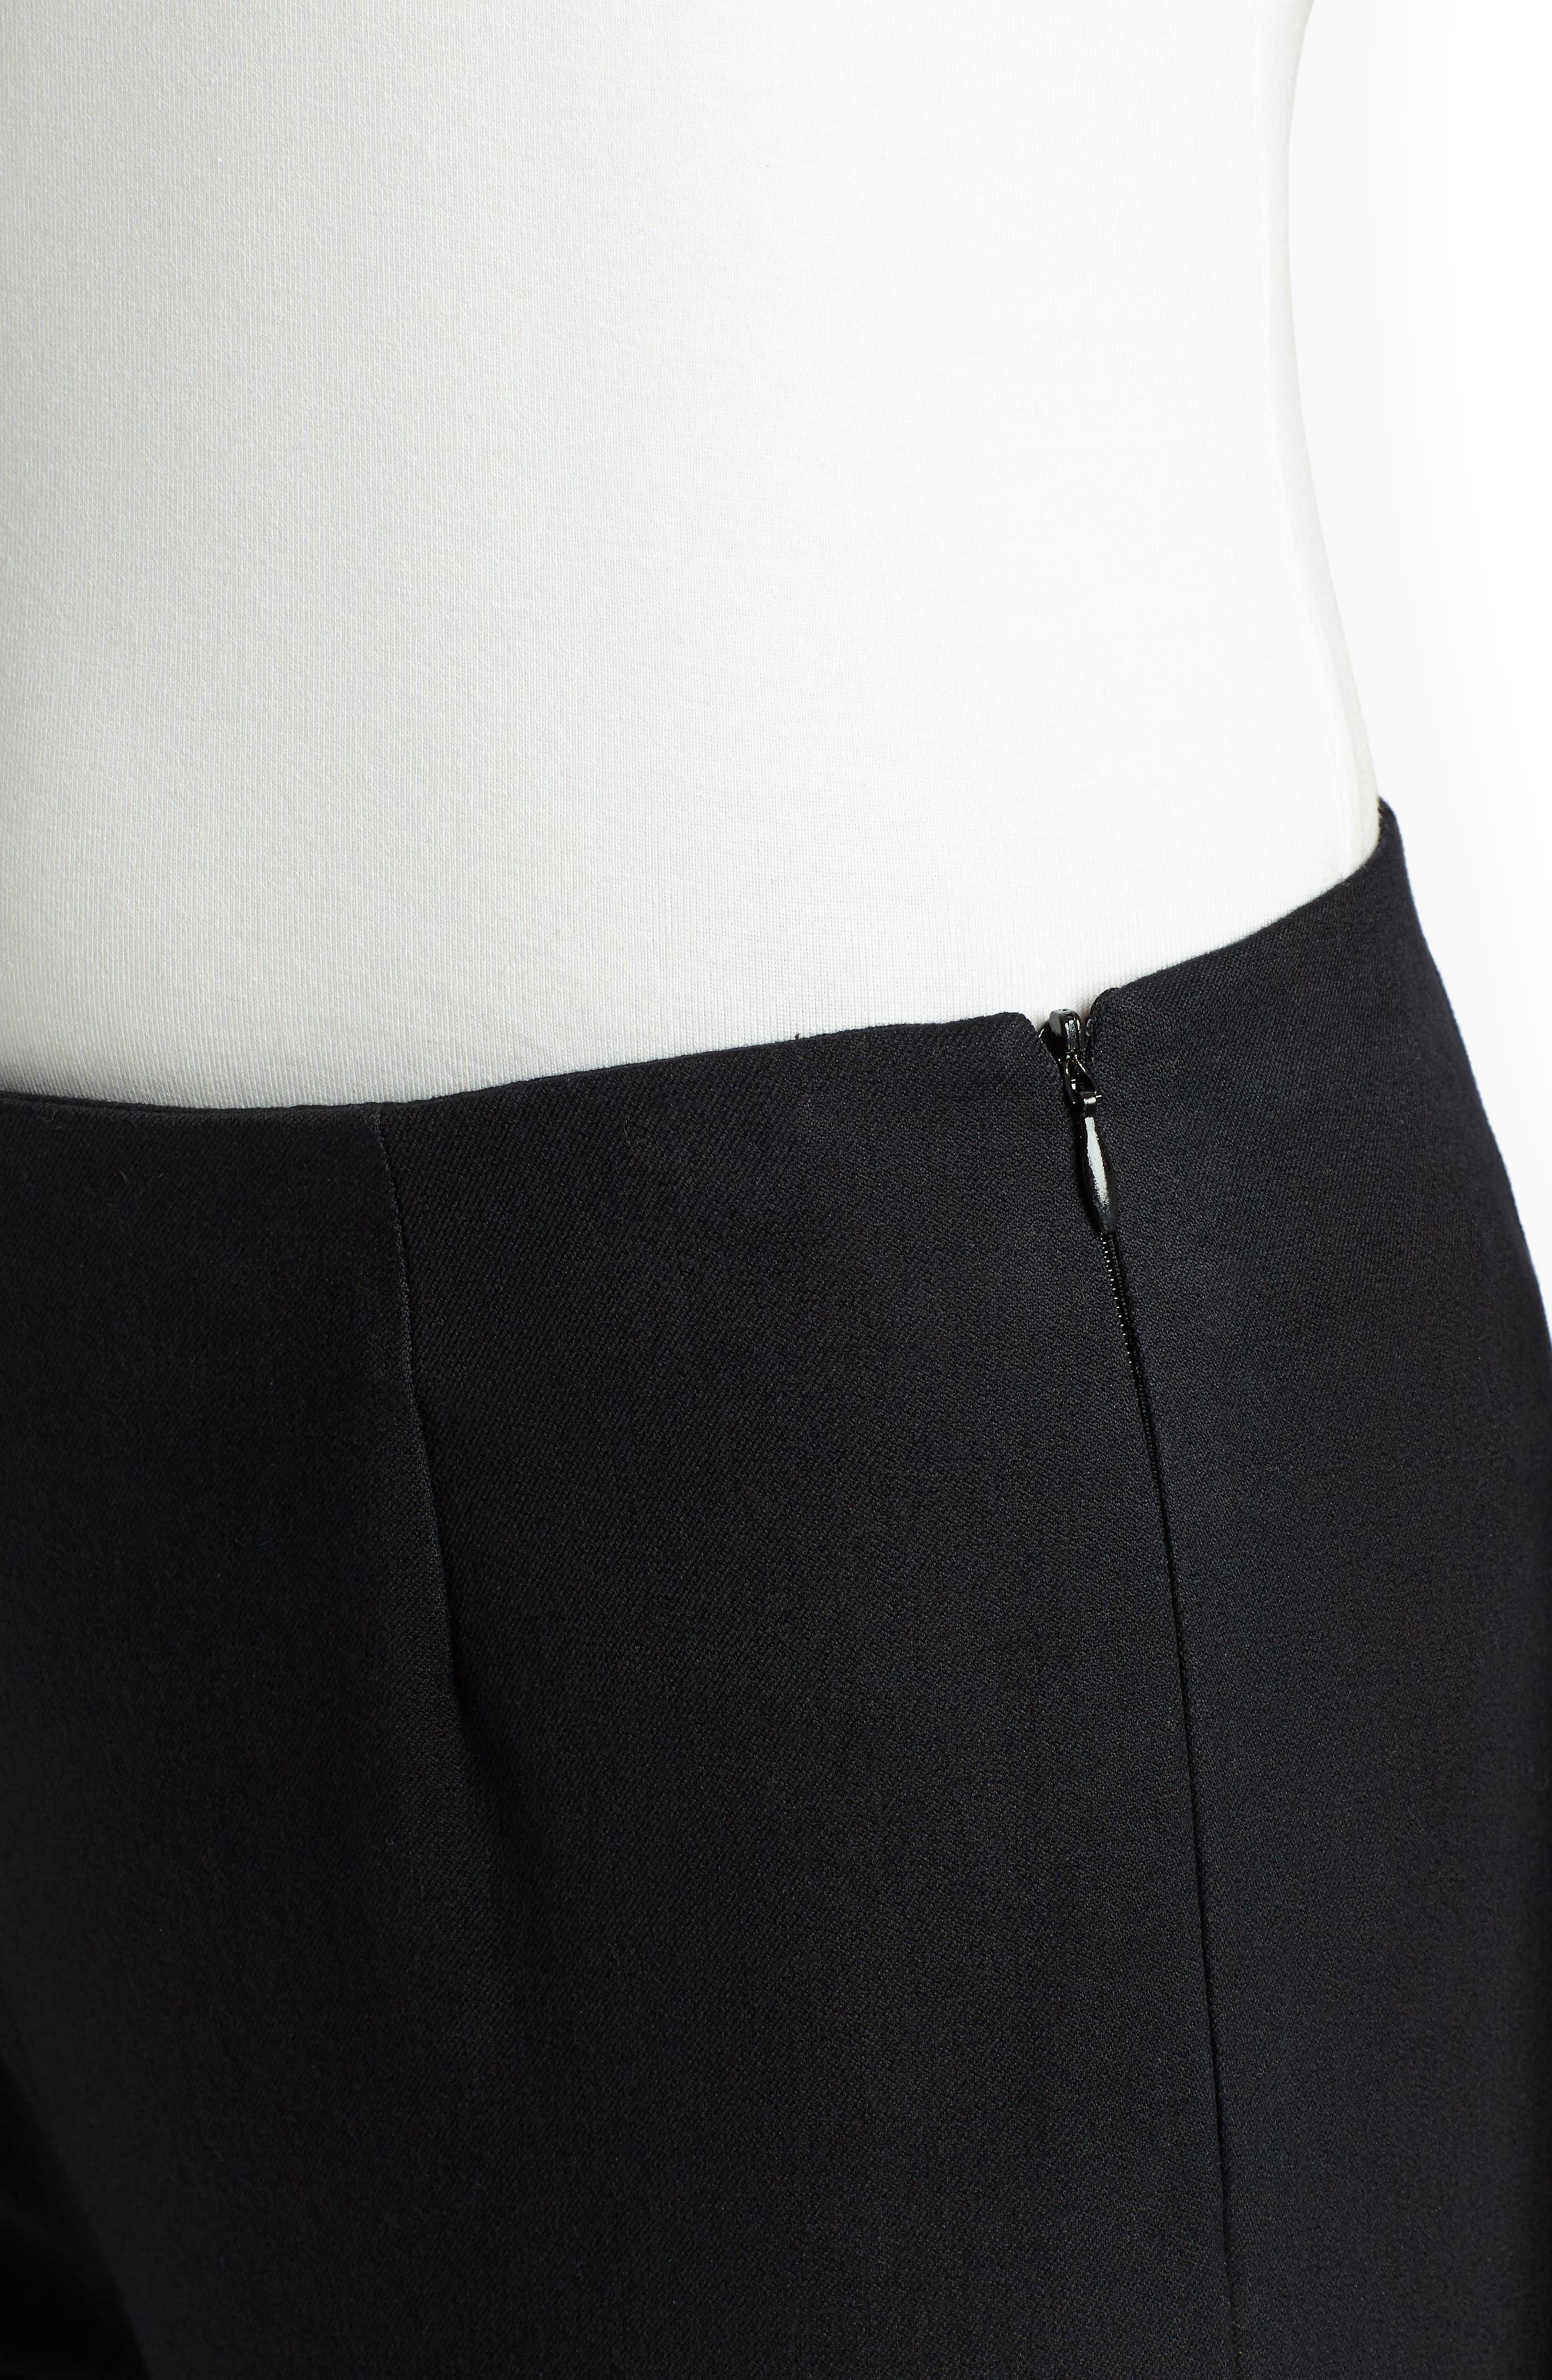 LAFAYETTE 148 NEW YORK, Lexington Stretch Cotton Crop Pants, Alternate thumbnail 4, color, BLACK